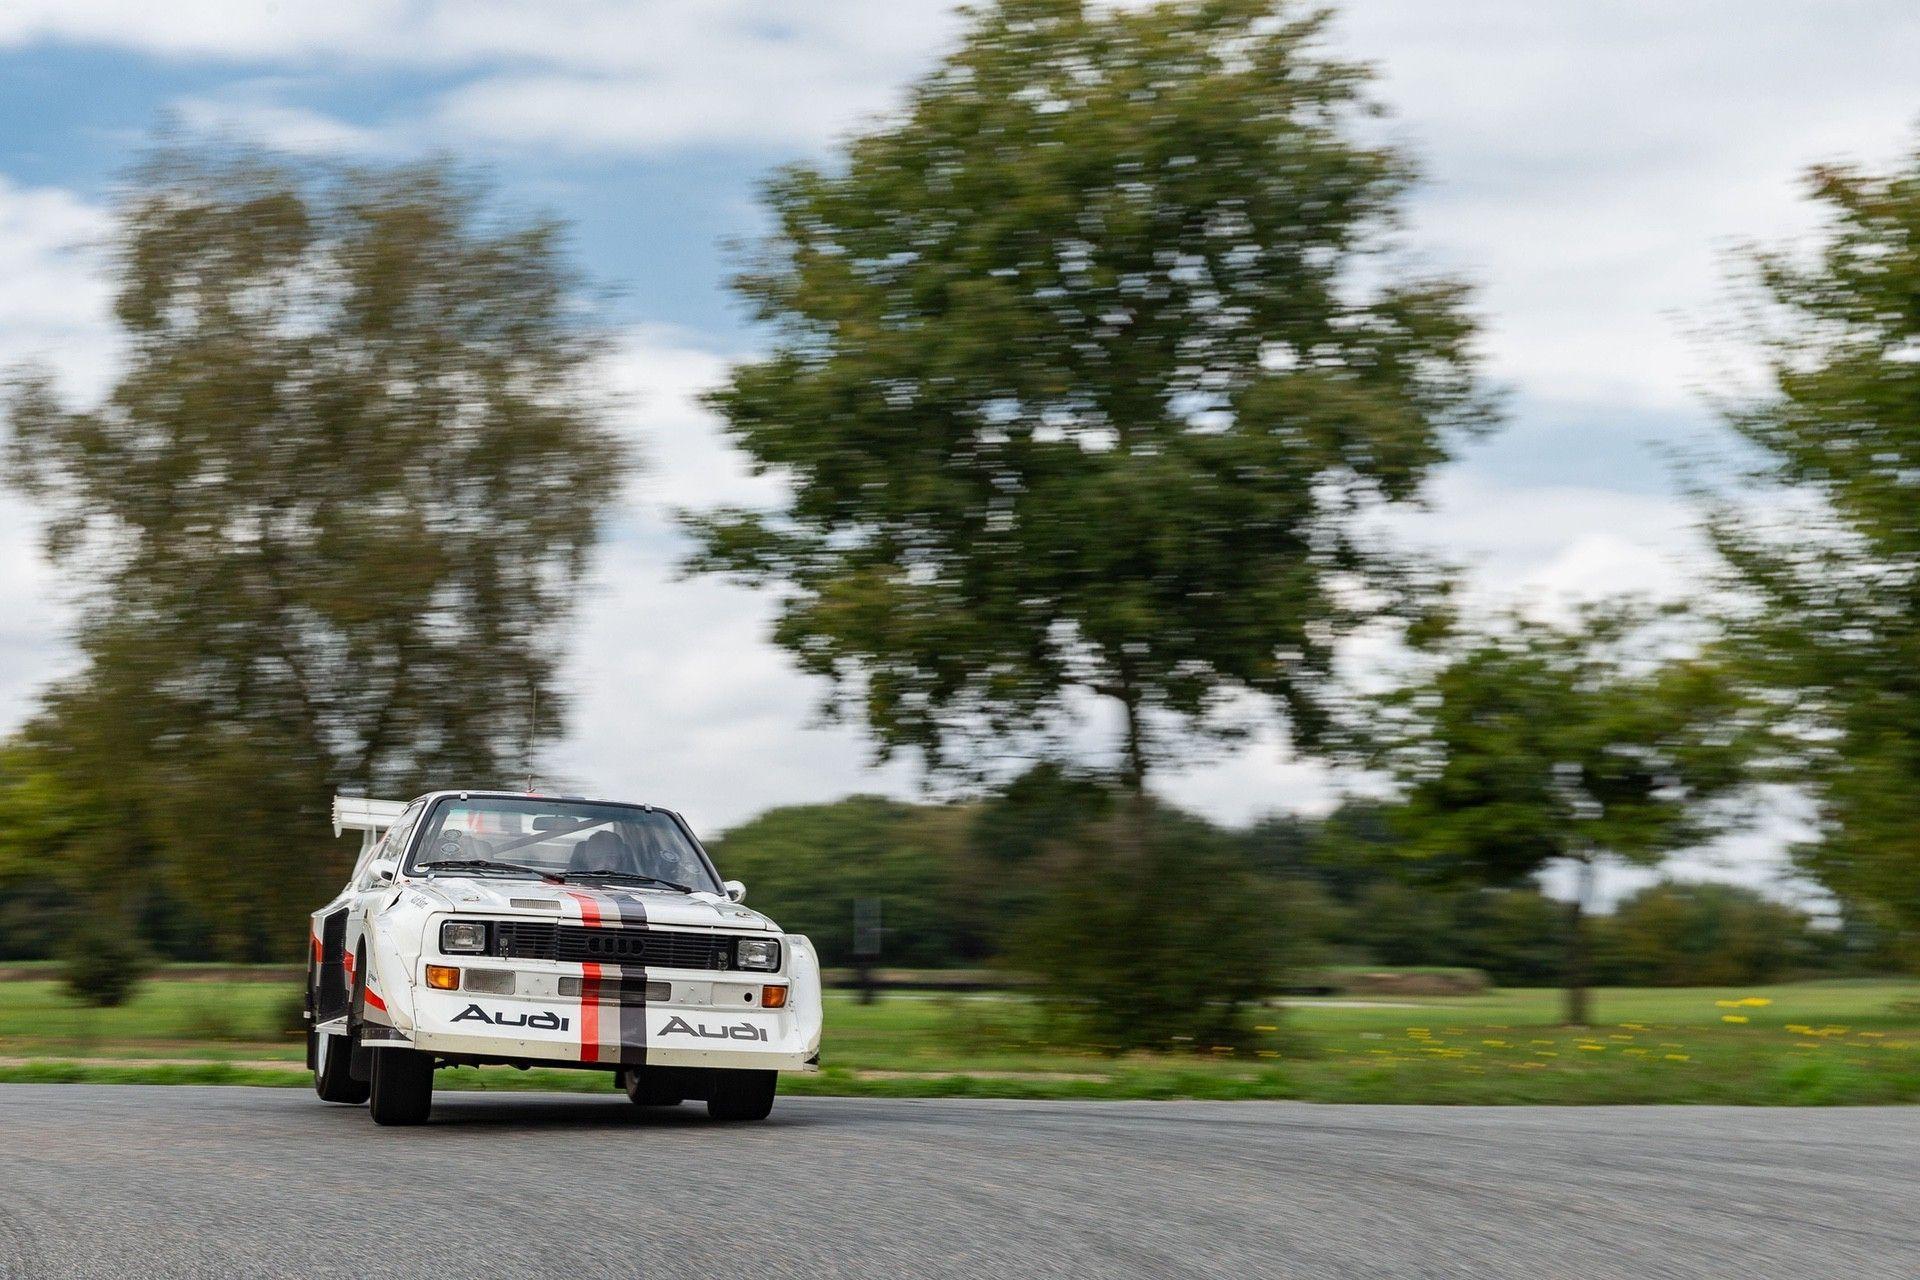 1988_Audi_Sport_Quattro_S1_sale-0038